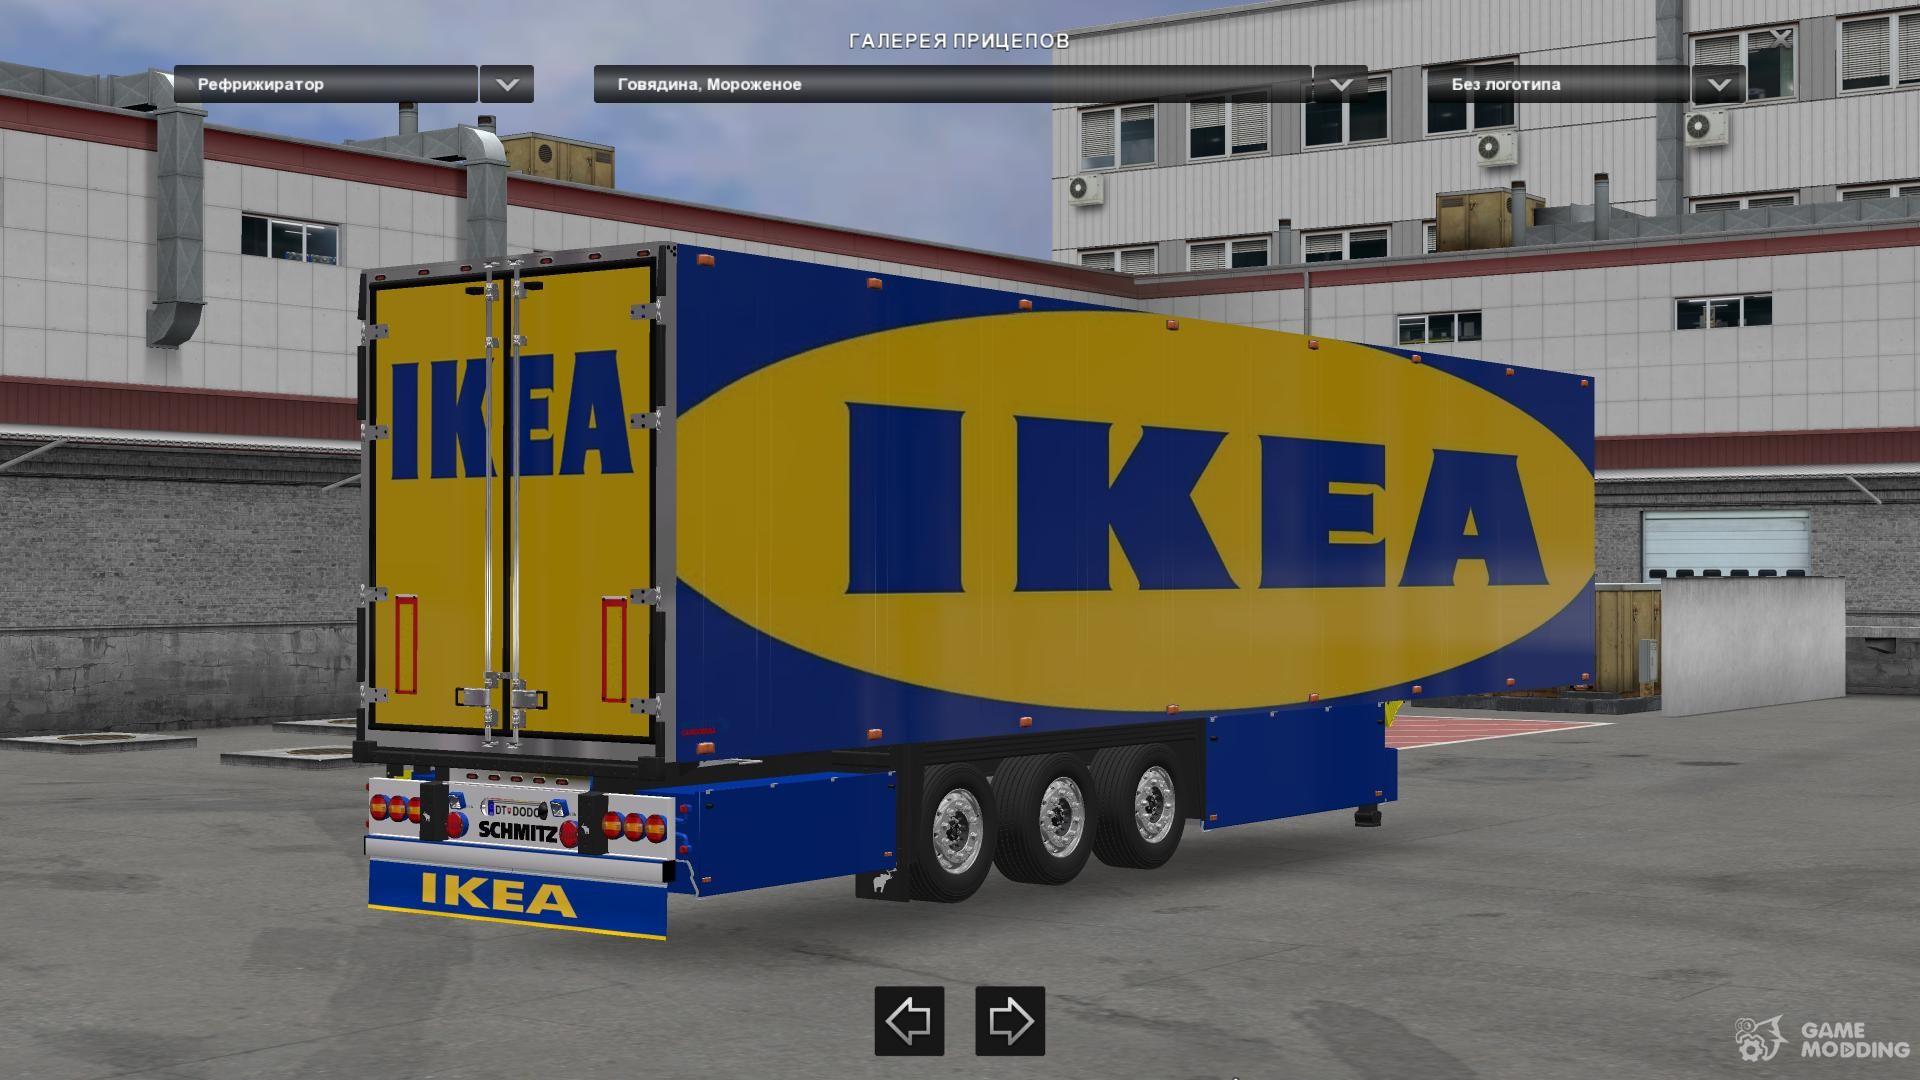 Ikea for euro truck simulator 2 - Simulation salon ikea ...